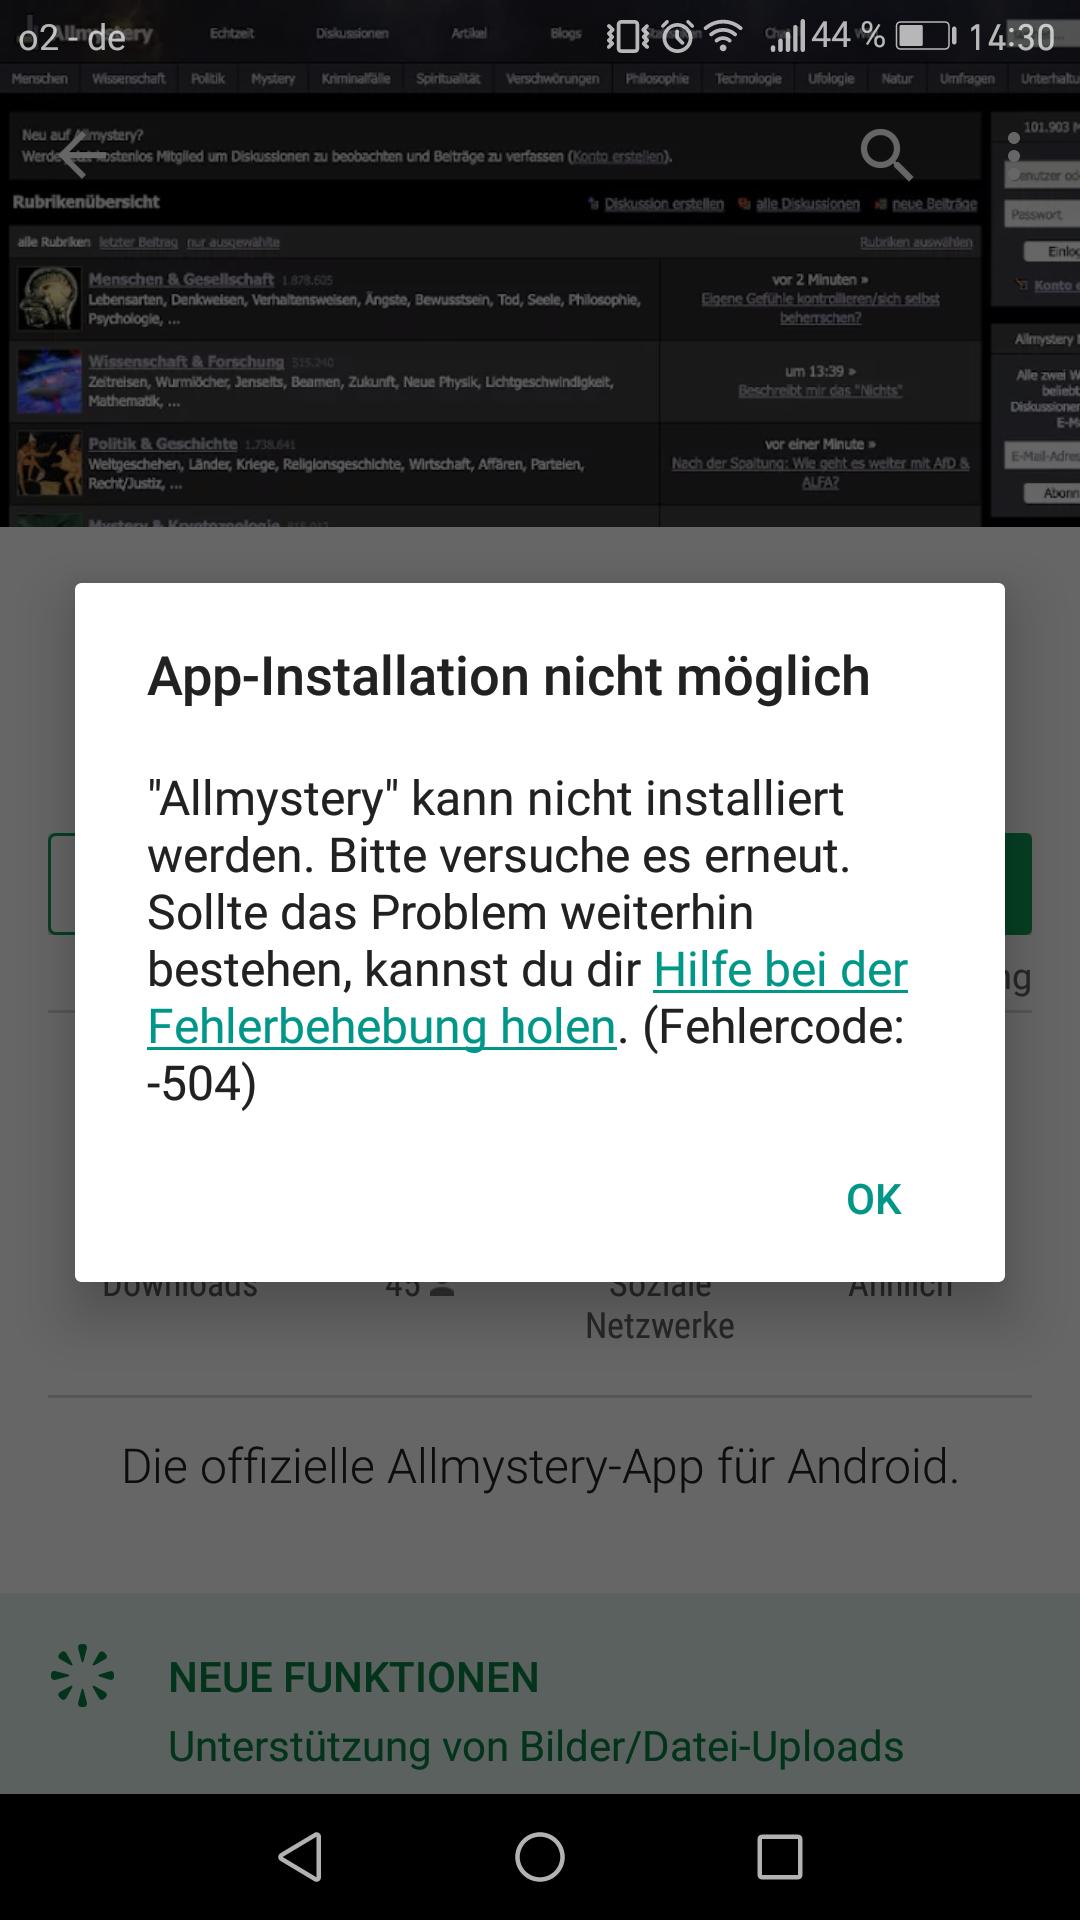 Hilfe und ideen zur allmystery android app seite 8 allmystery - Android app ideen ...